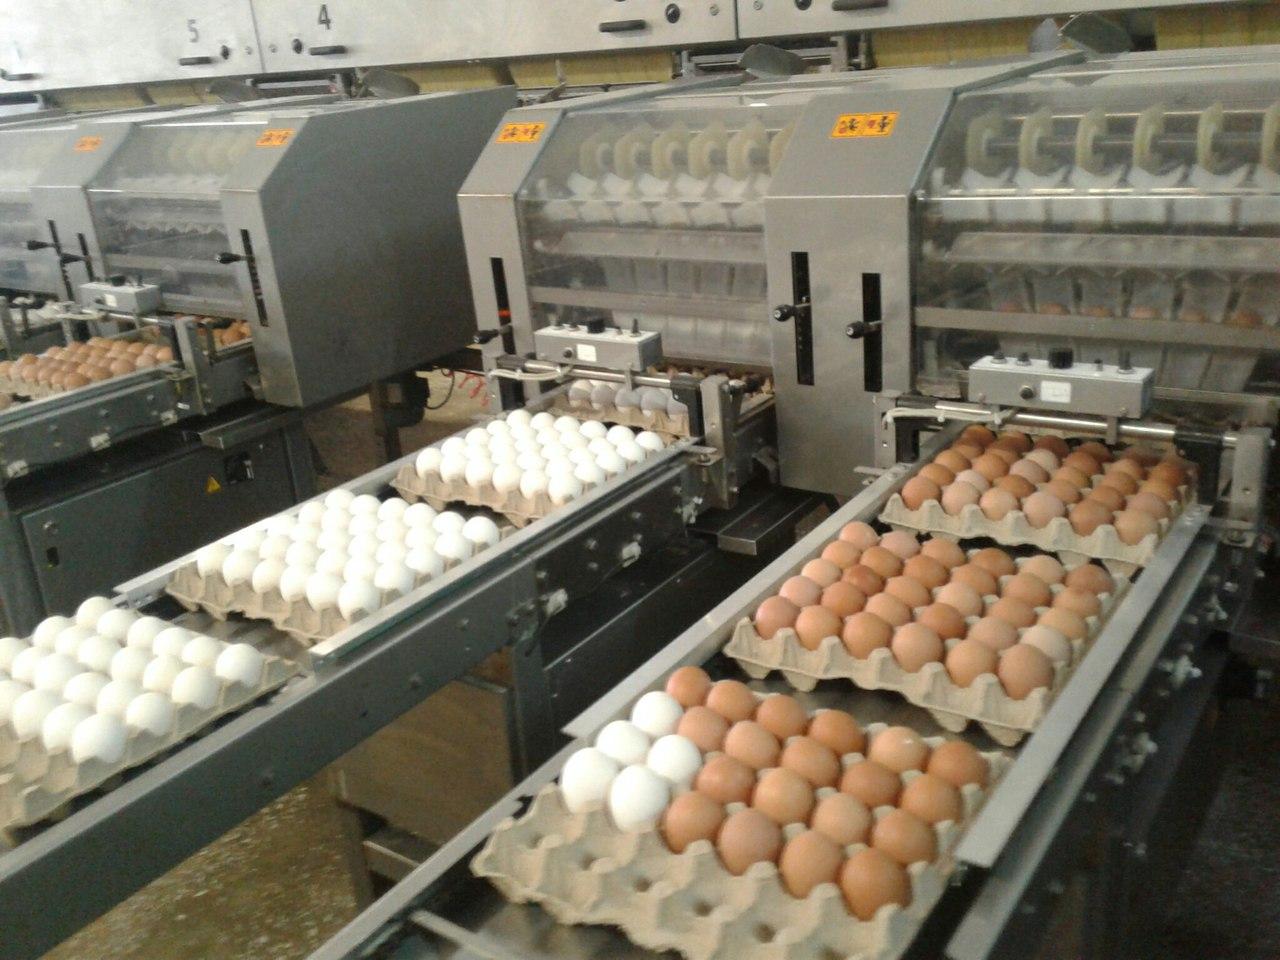 В Омске стали дешеветь антисептики и дорожать яйца #Омск #Общество #Сегодня